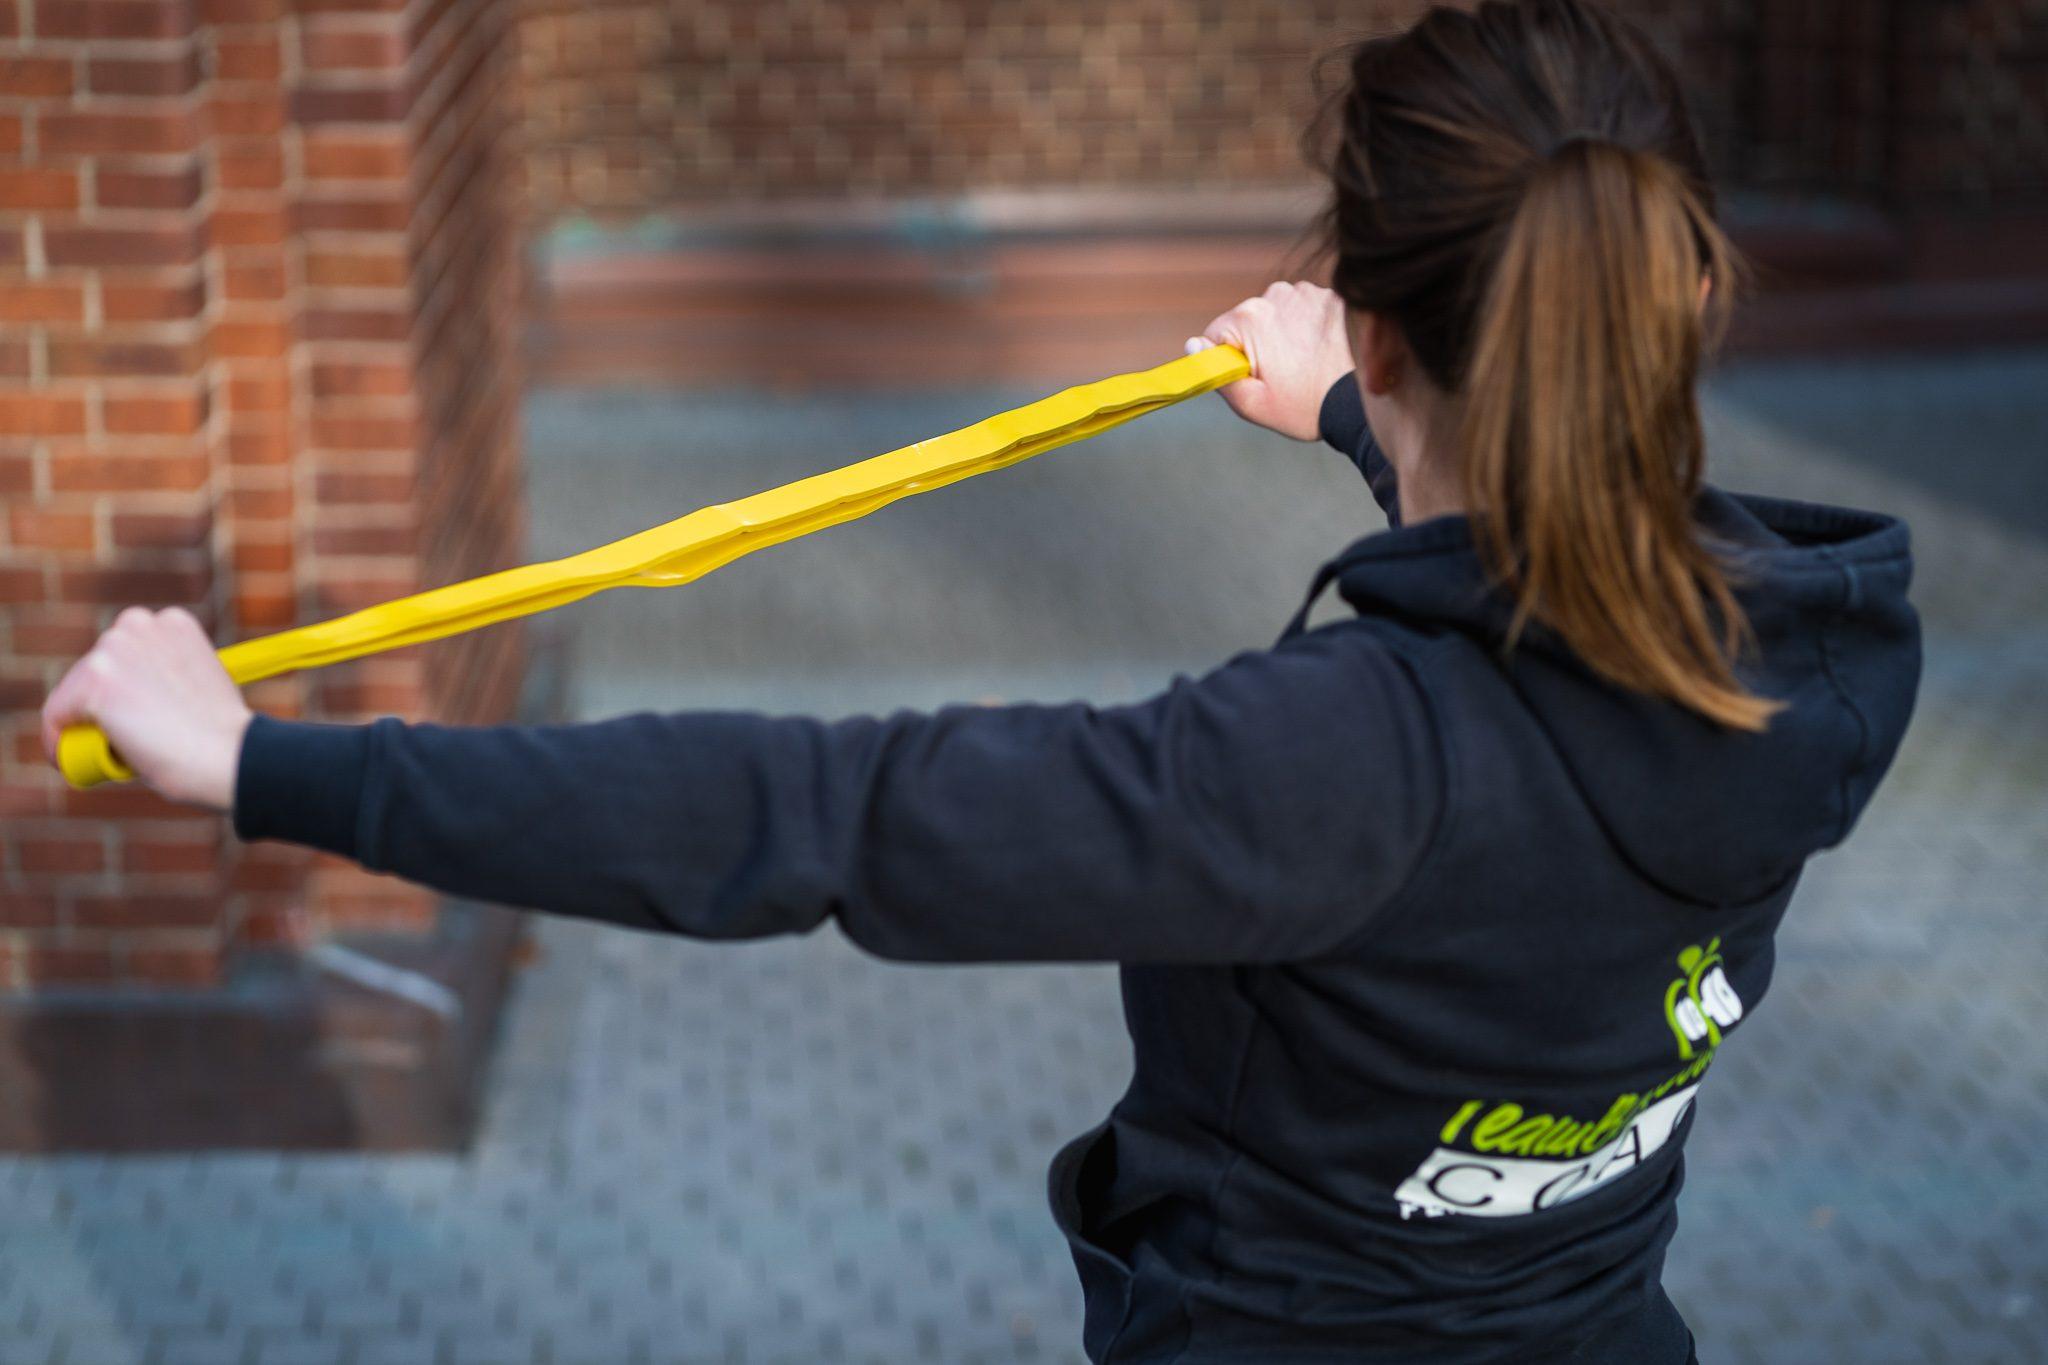 Personal Fitness Trainer Hamburg - TeamBodyCoach - Sei nicht so steif - 3 Mobility Vorteile 3